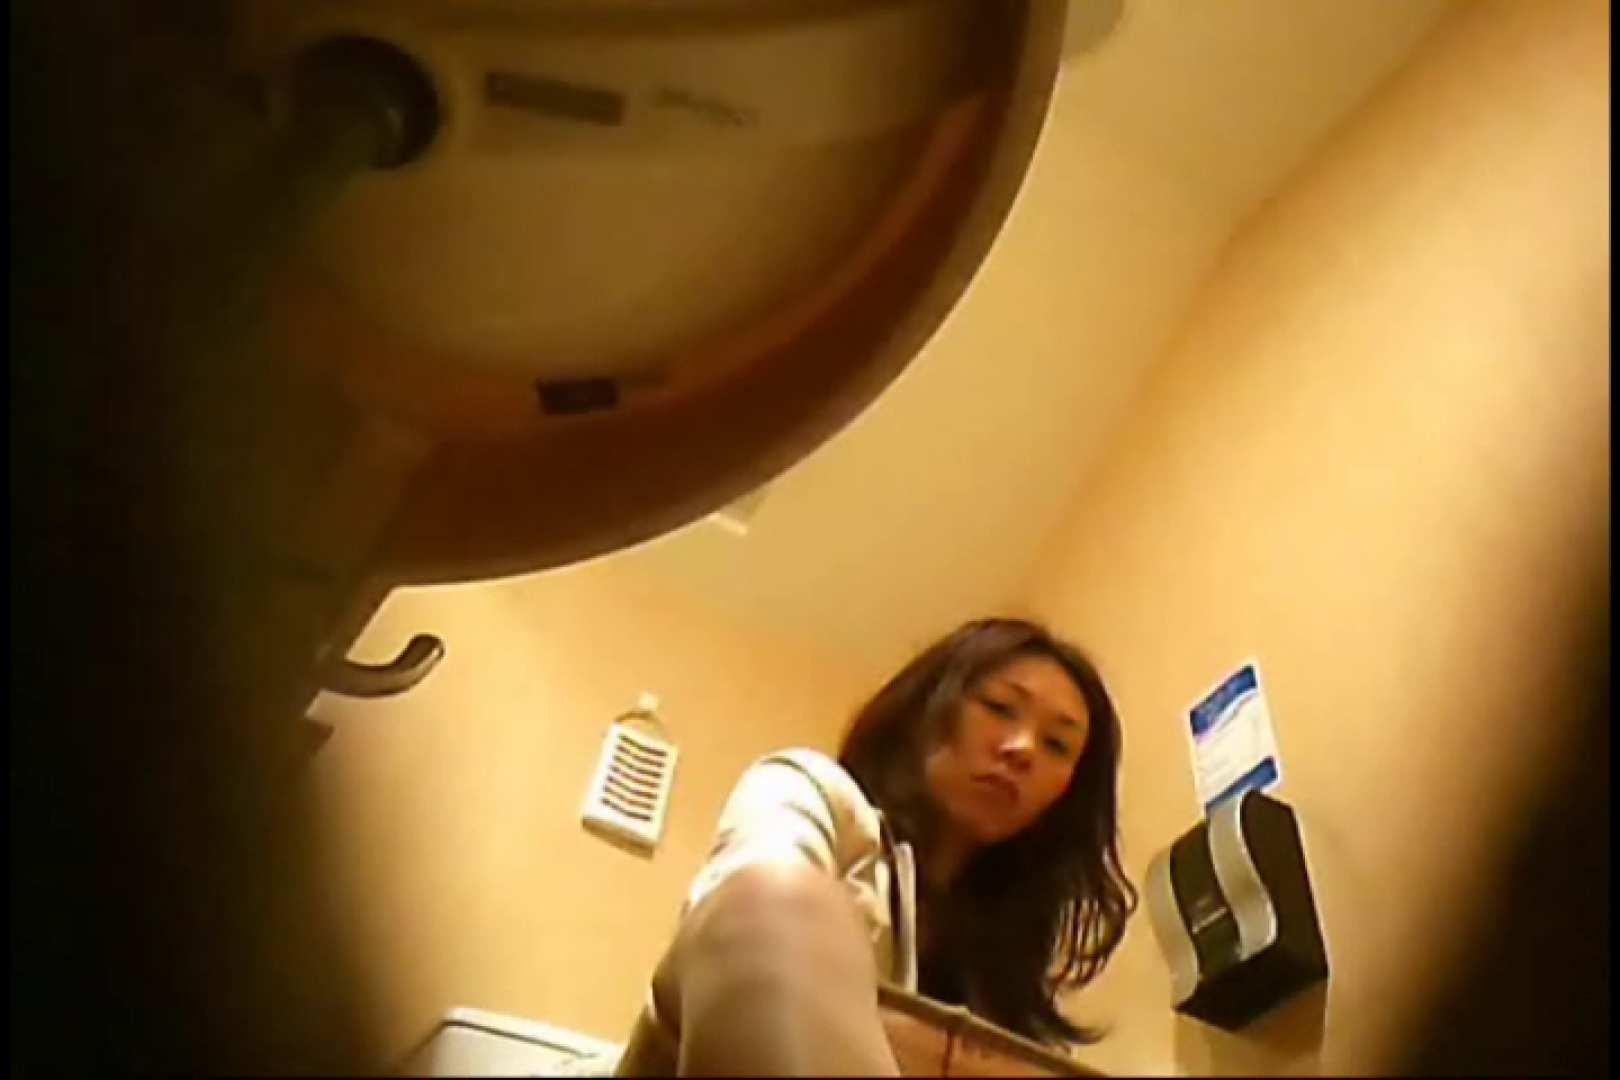 潜入!!女子化粧室盗撮~絶対見られたくない時間~vo,23 盗撮 盗み撮り動画キャプチャ 87連発 32